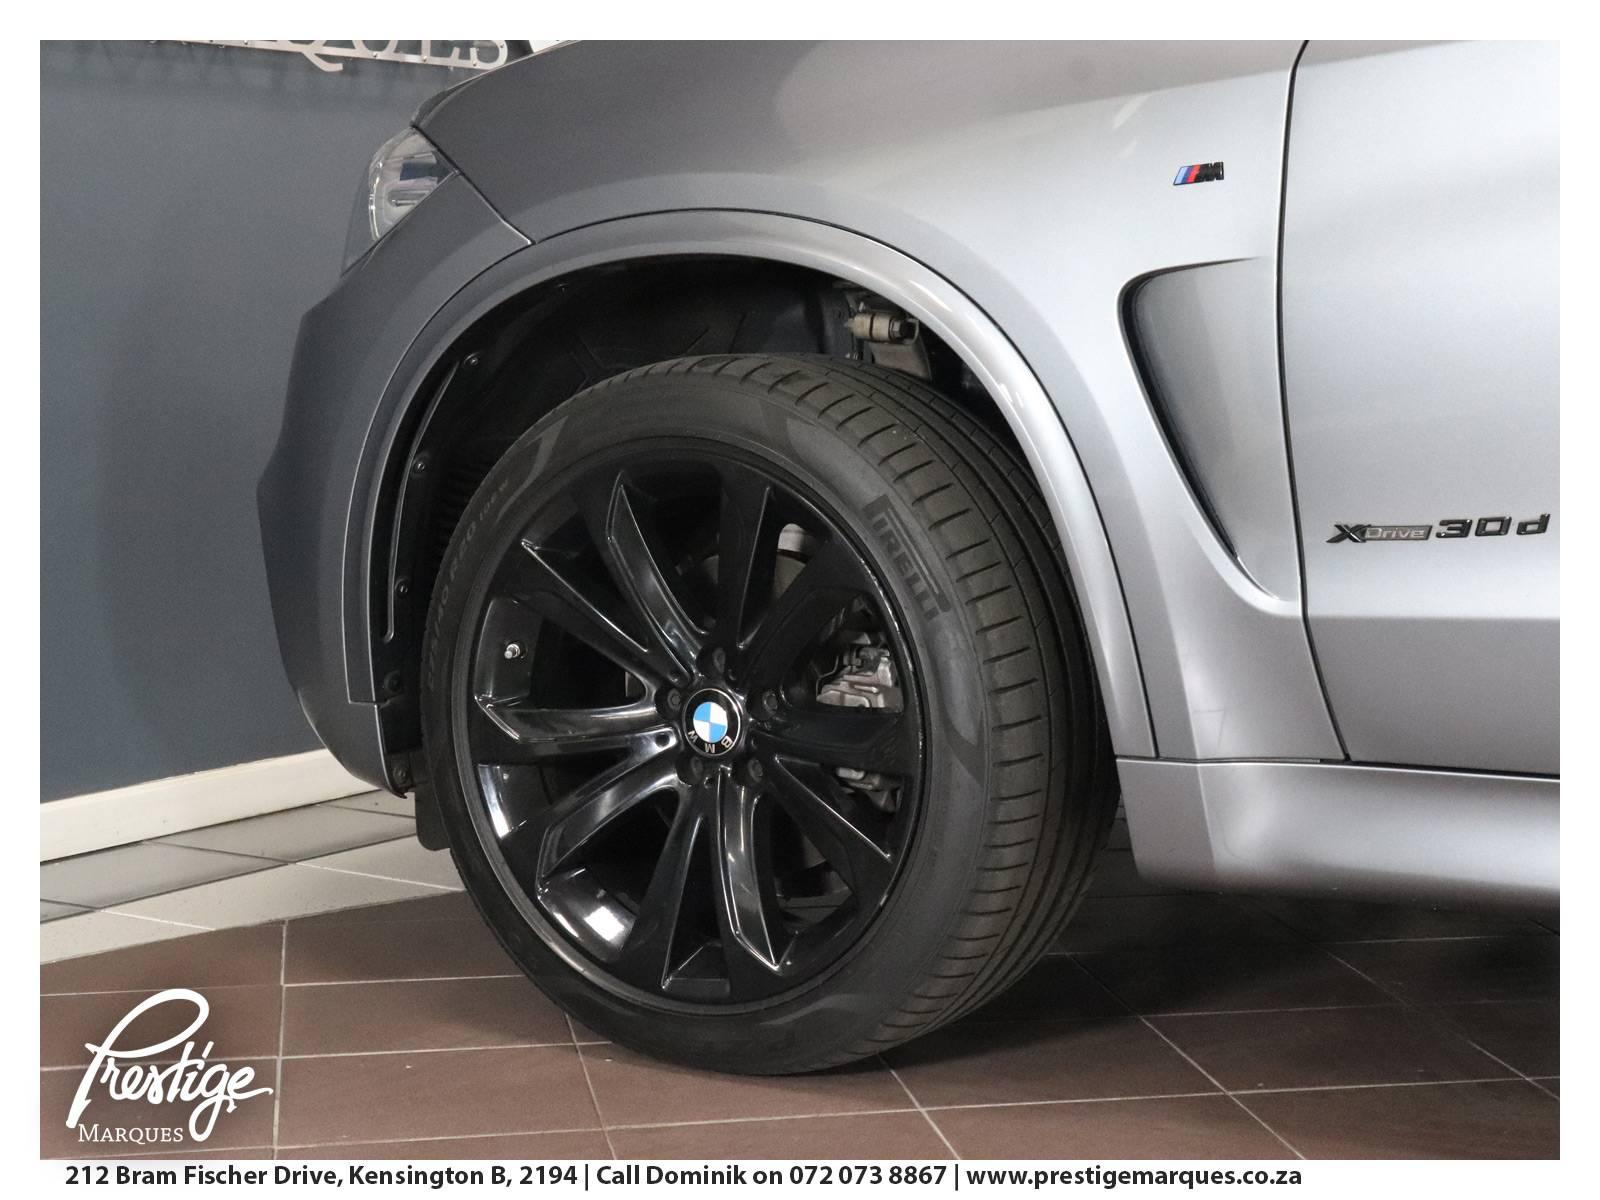 2015-BMW-X5-30d-M-Sport-X-drive-Prestige-Marques-9